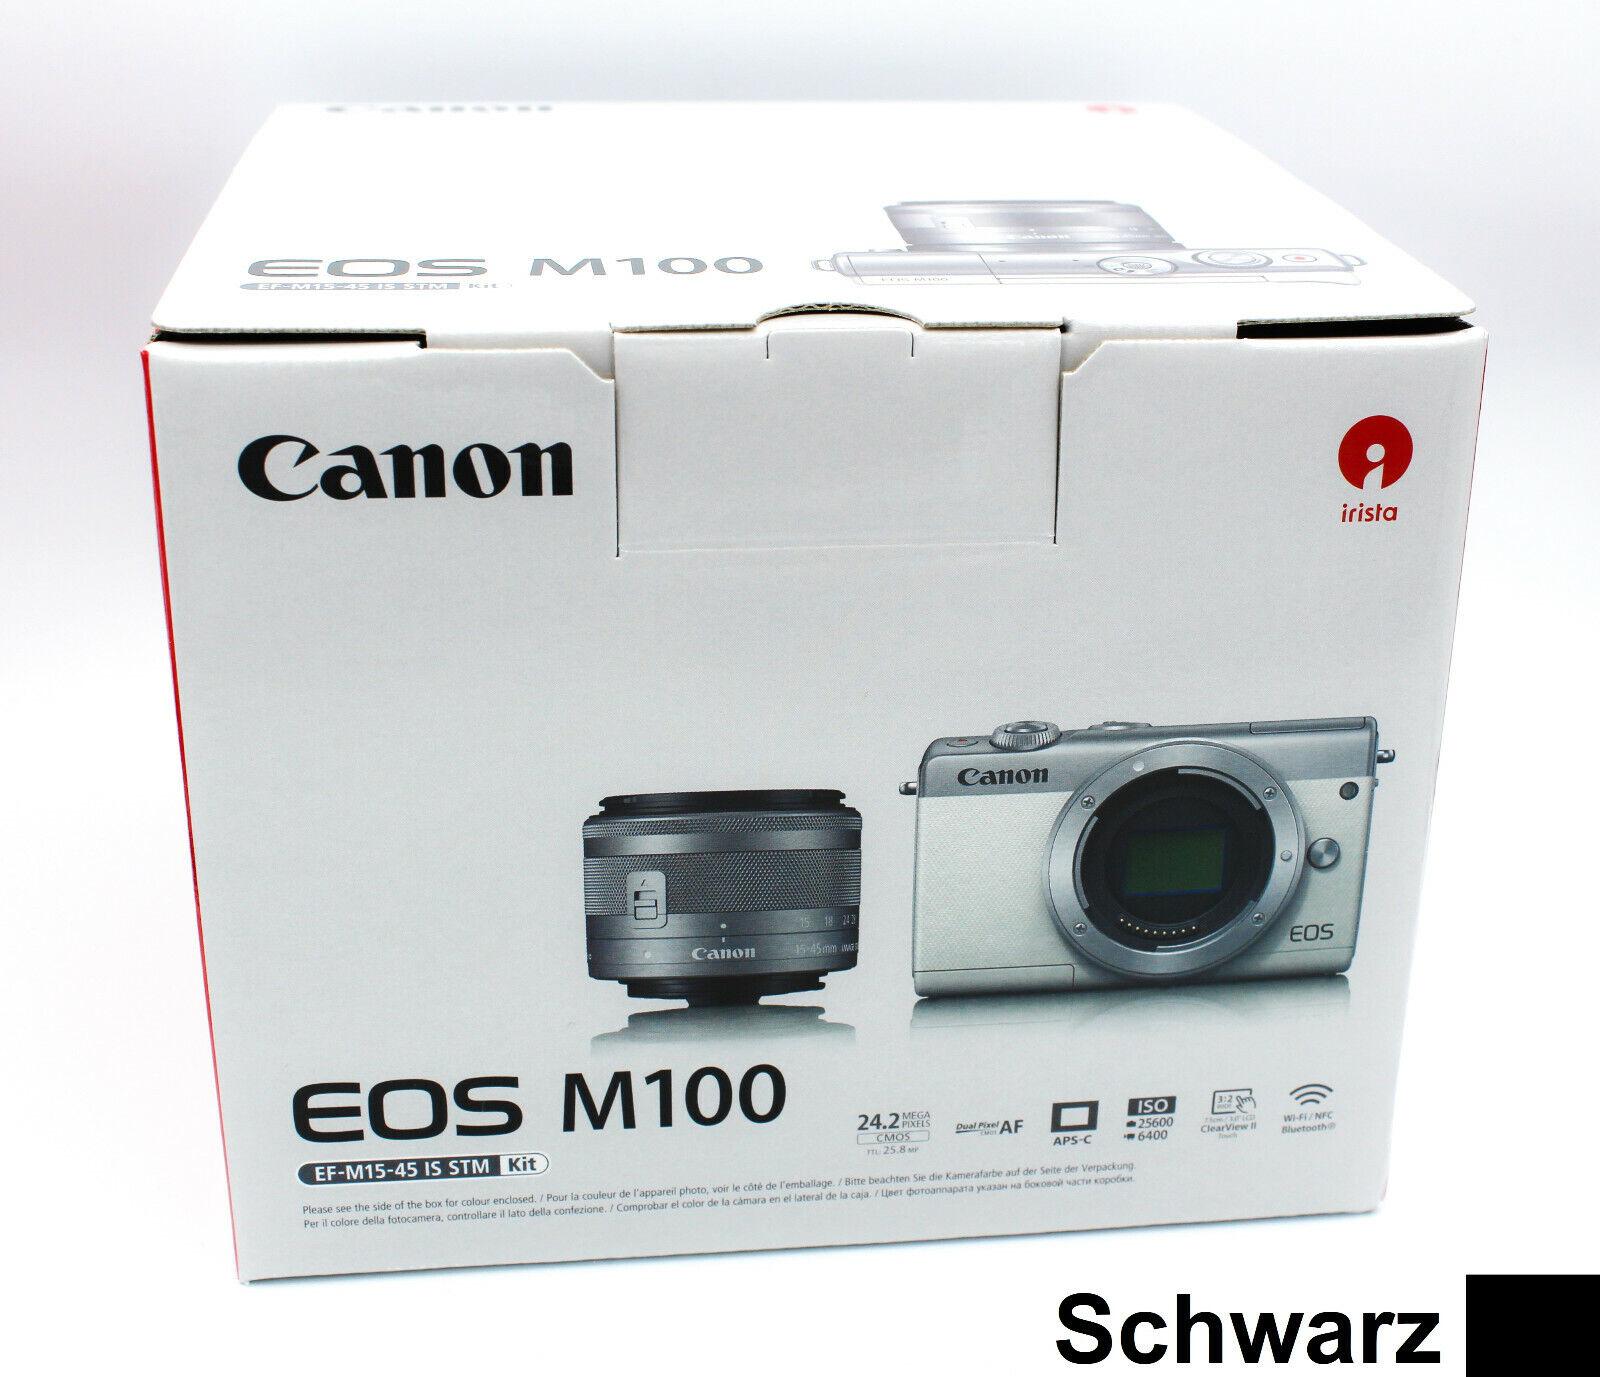 CANON EOS M100 Kit mit Objektiv 15-45mm - Systemkamera - NEU - Schwarz Black